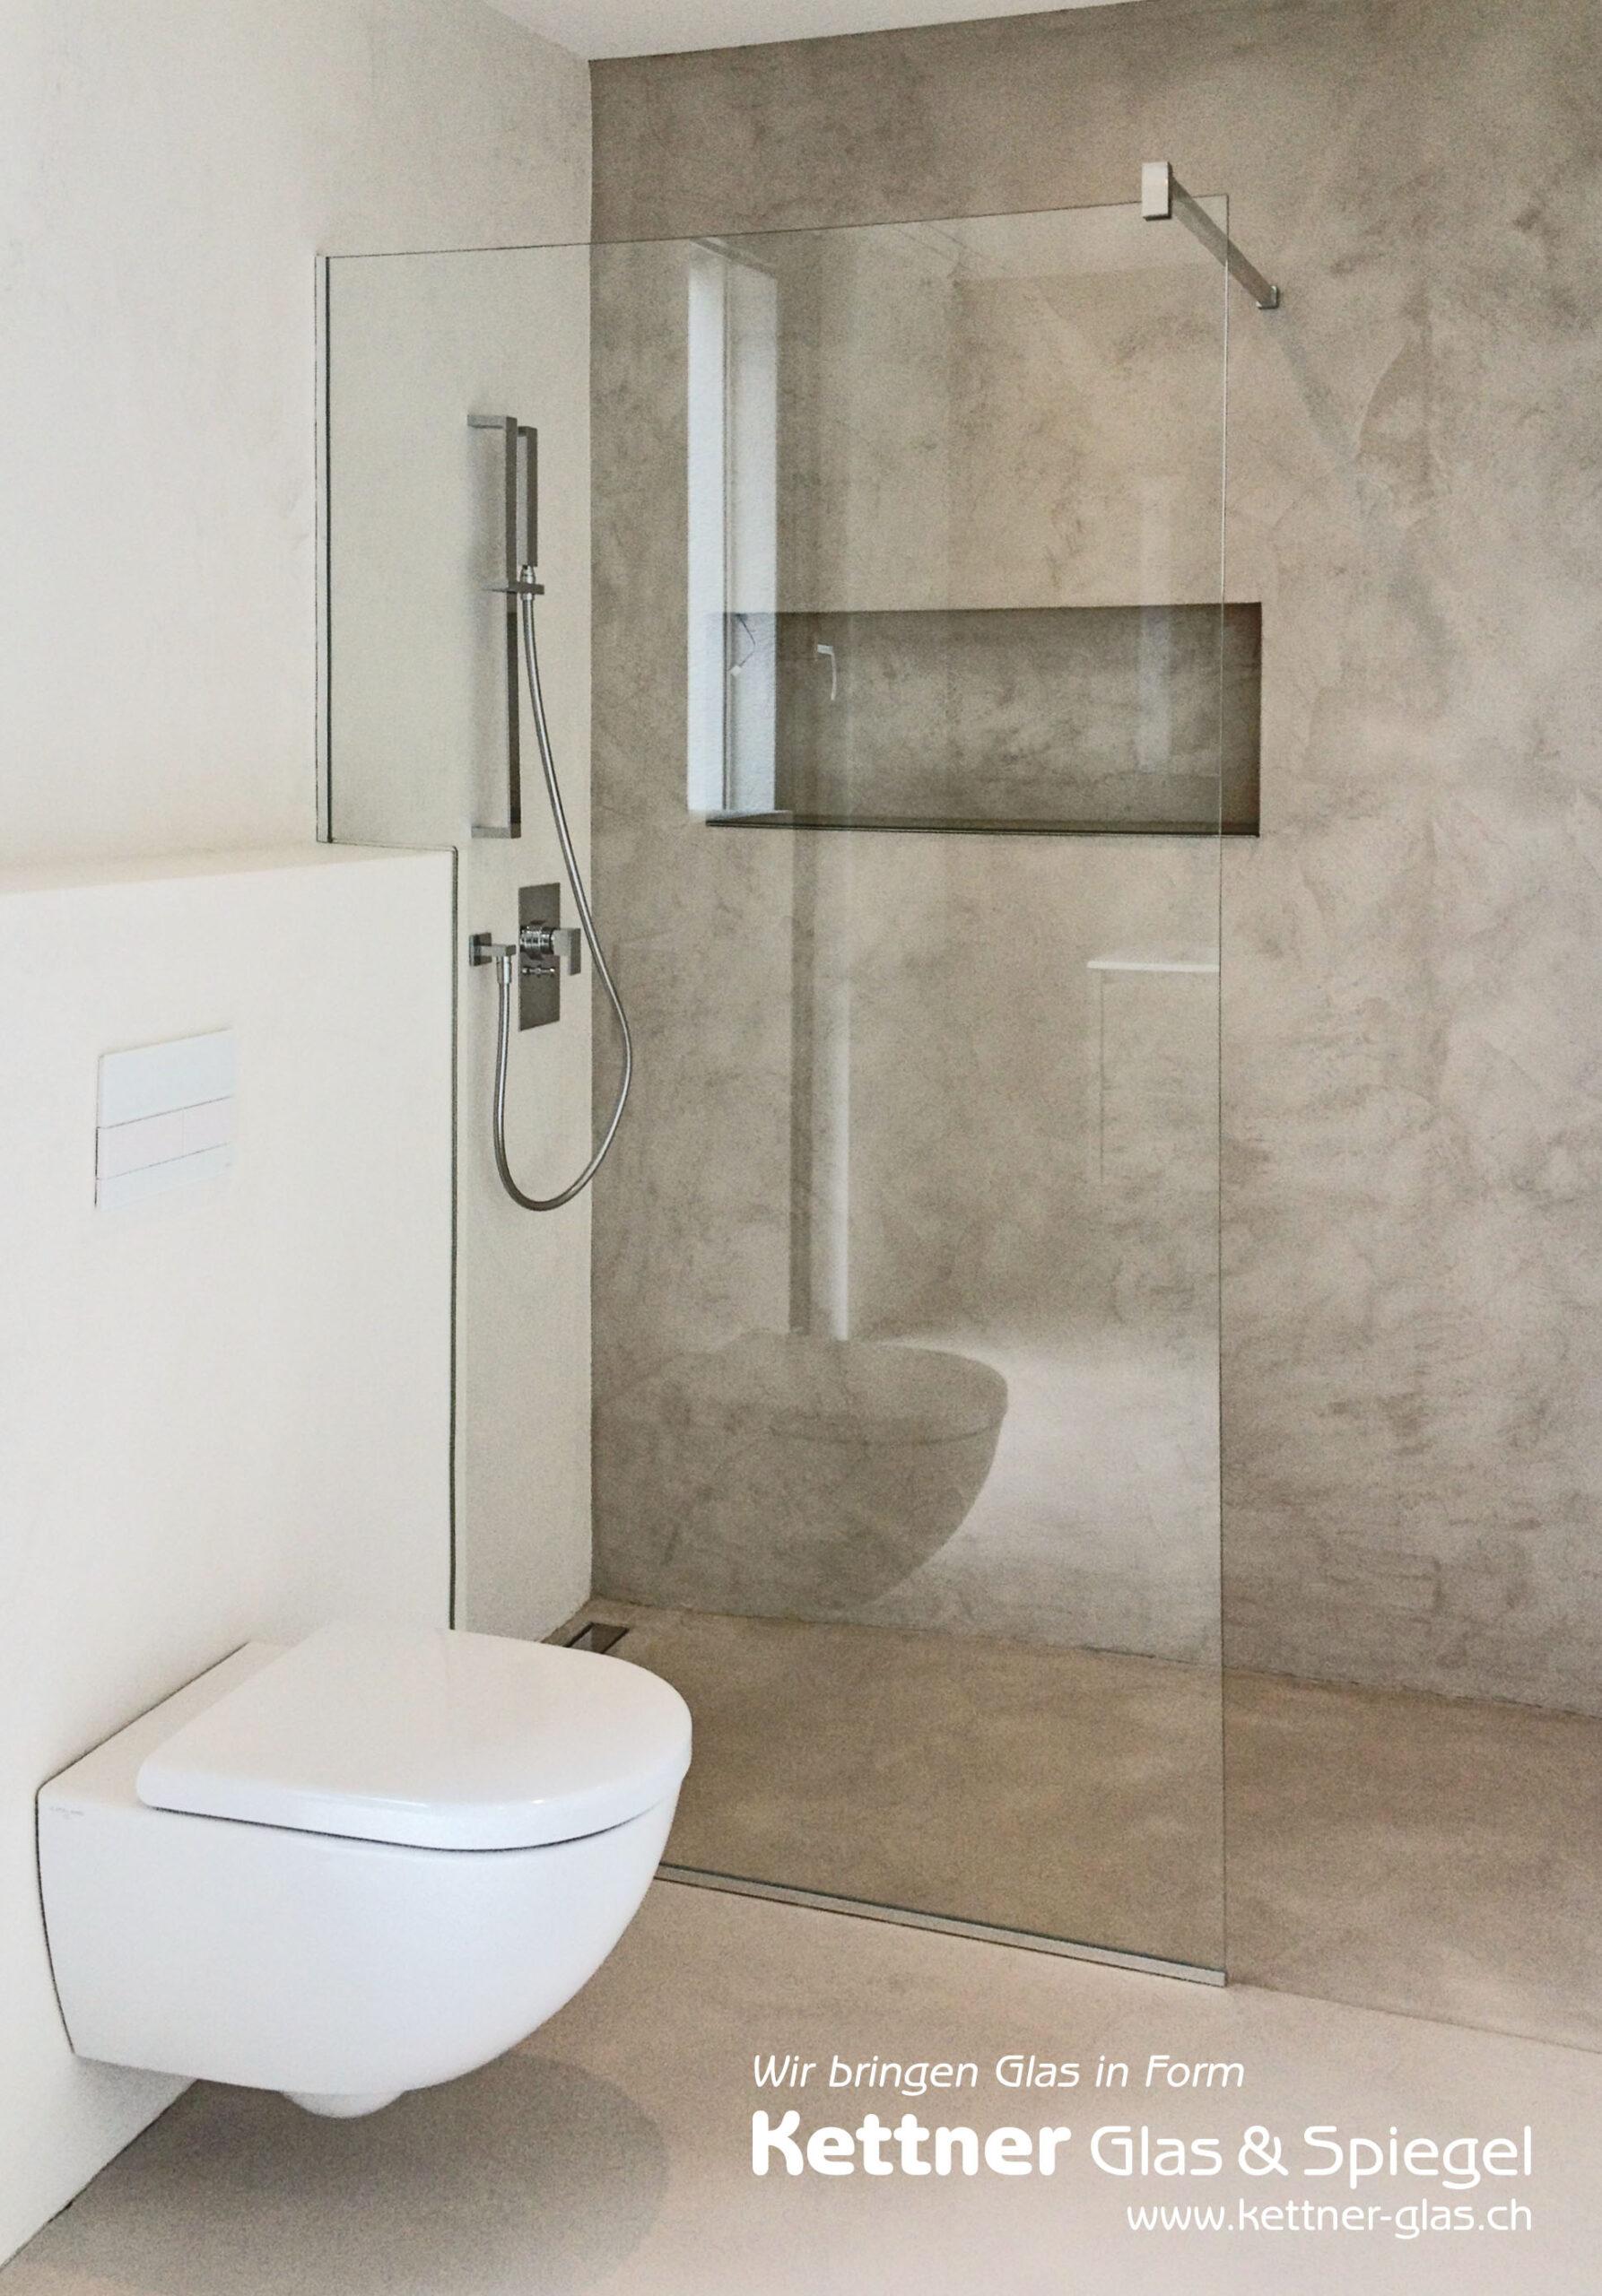 Full Size of Glastrennwand Dusche In Kgs Glaswand Badewanne Haltegriff Einbauen Thermostat Bodengleiche Fliesen Hsk Duschen Walk Grohe Einhebelmischer Bodengleich Dusche Glastrennwand Dusche